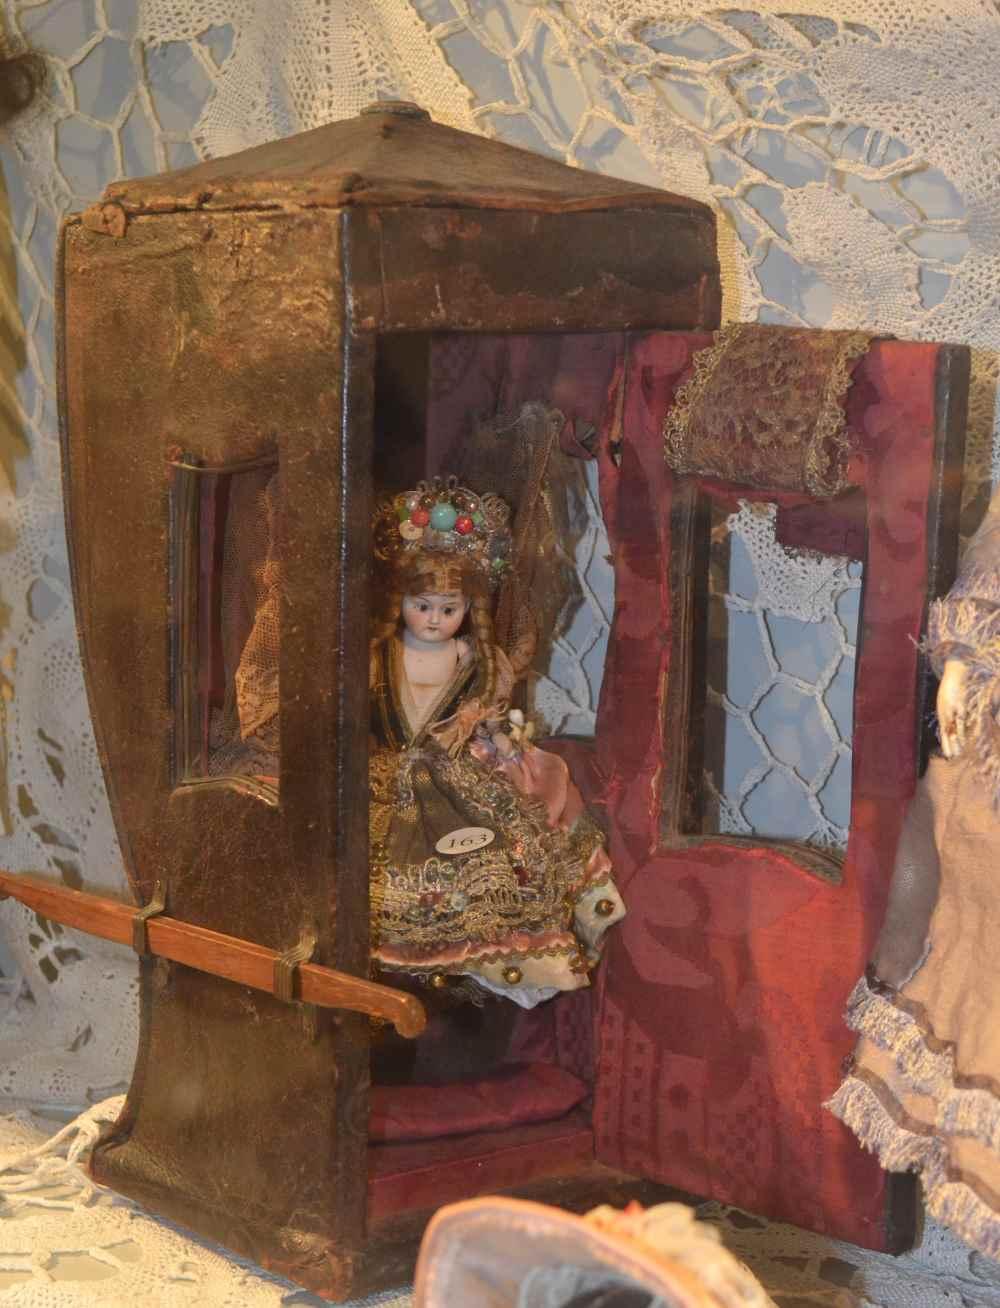 фото еще одного портшеза, старинного-престаринного в музе кукол Равенны